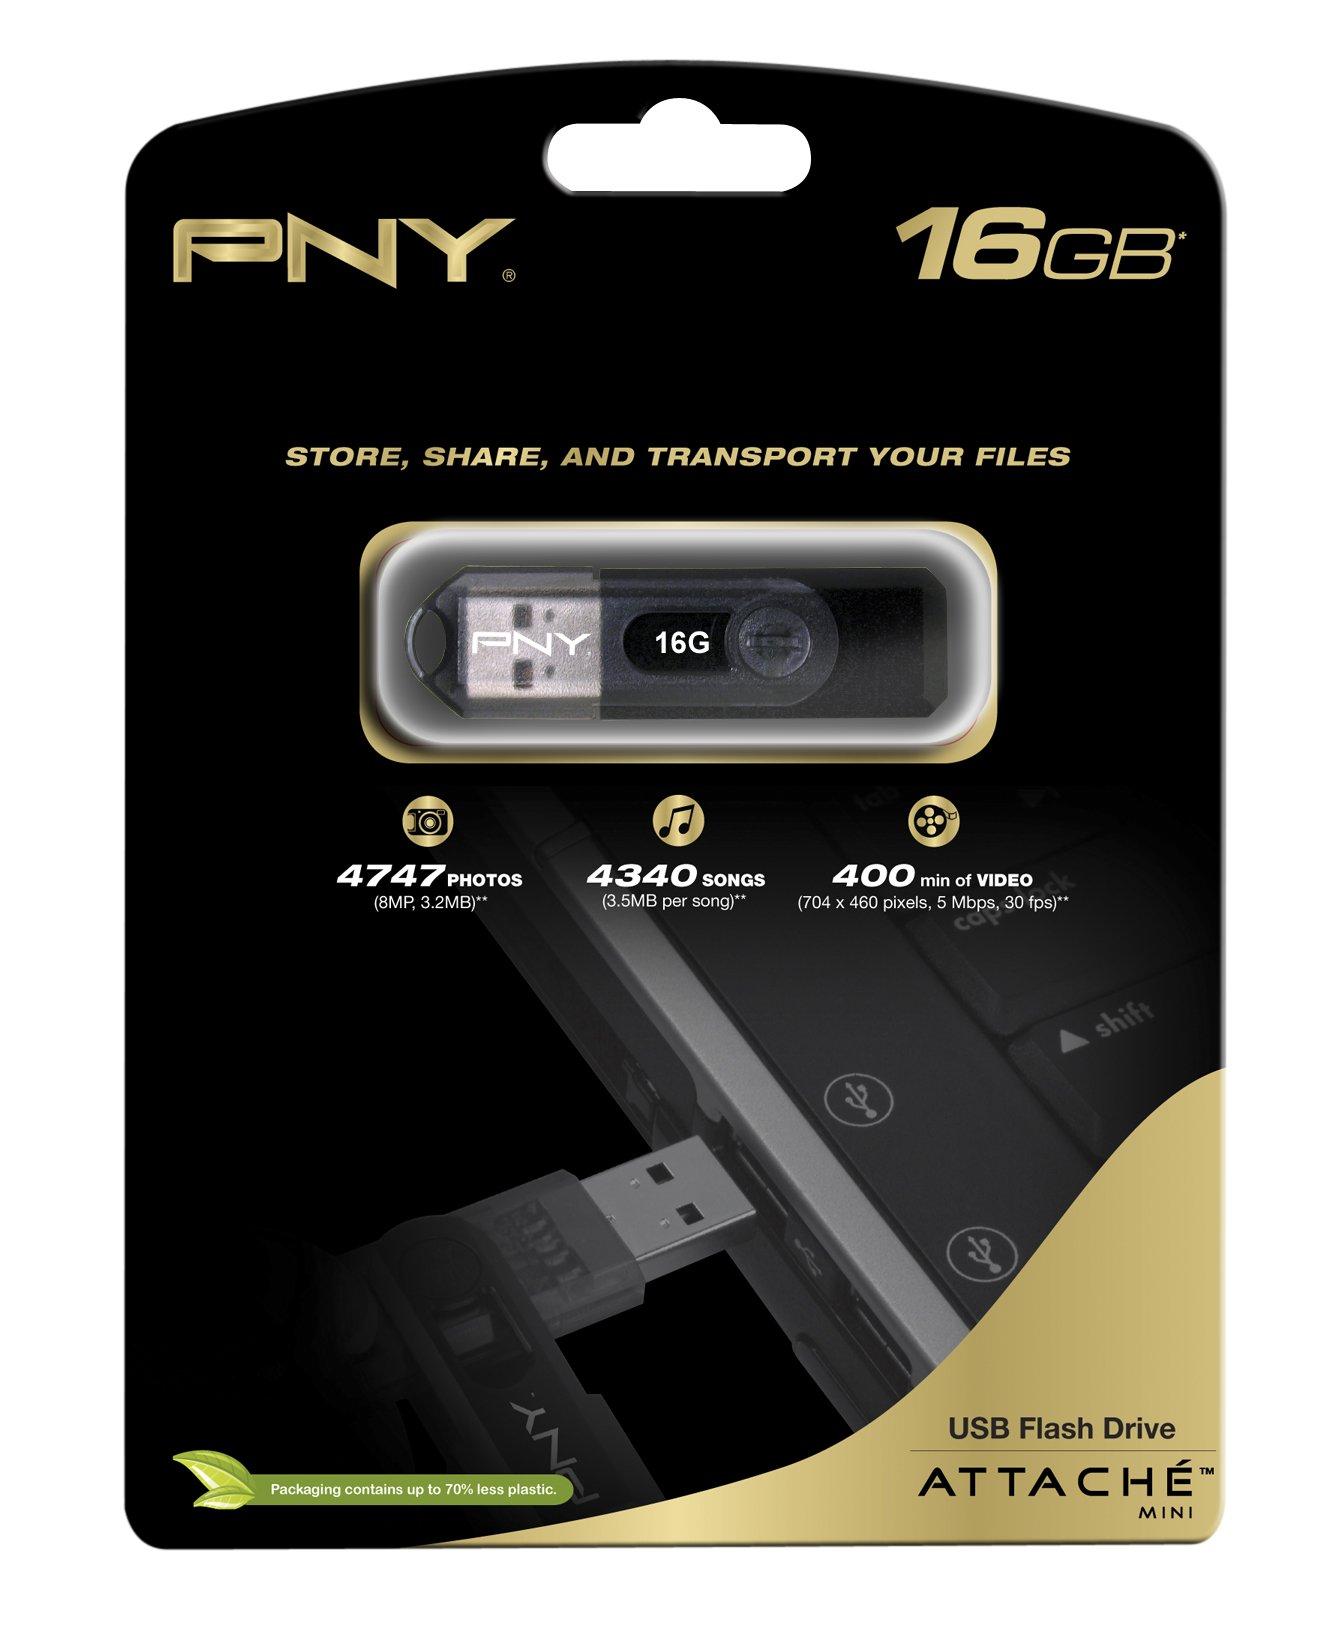 PNY Mini Attaché 16GB USB 2.0 Flash Drive P-FD16G/MINI-EF by PNY (Image #2)